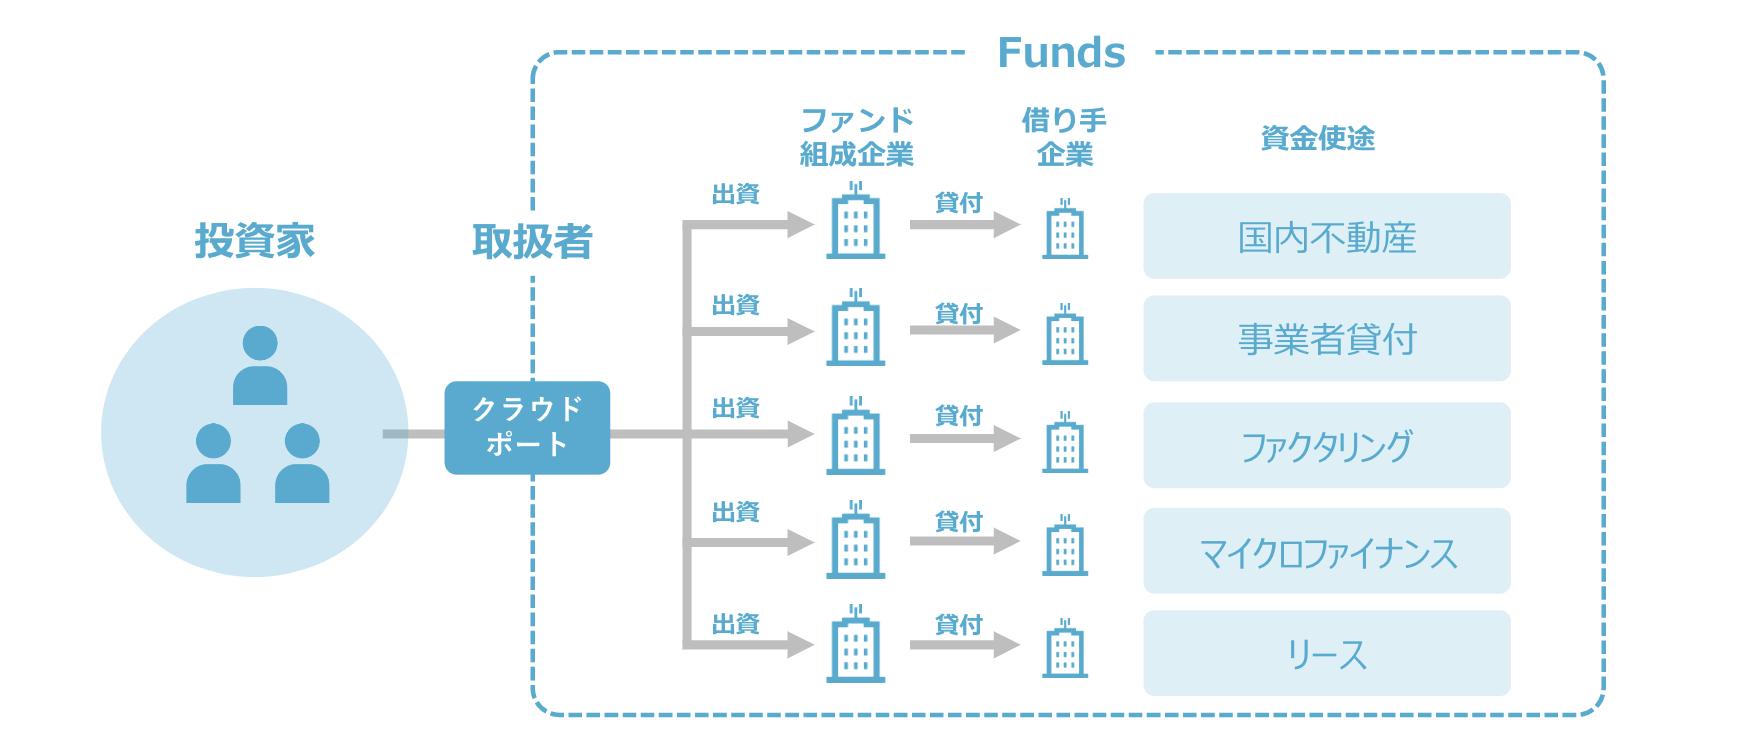 貸付ファンド投資